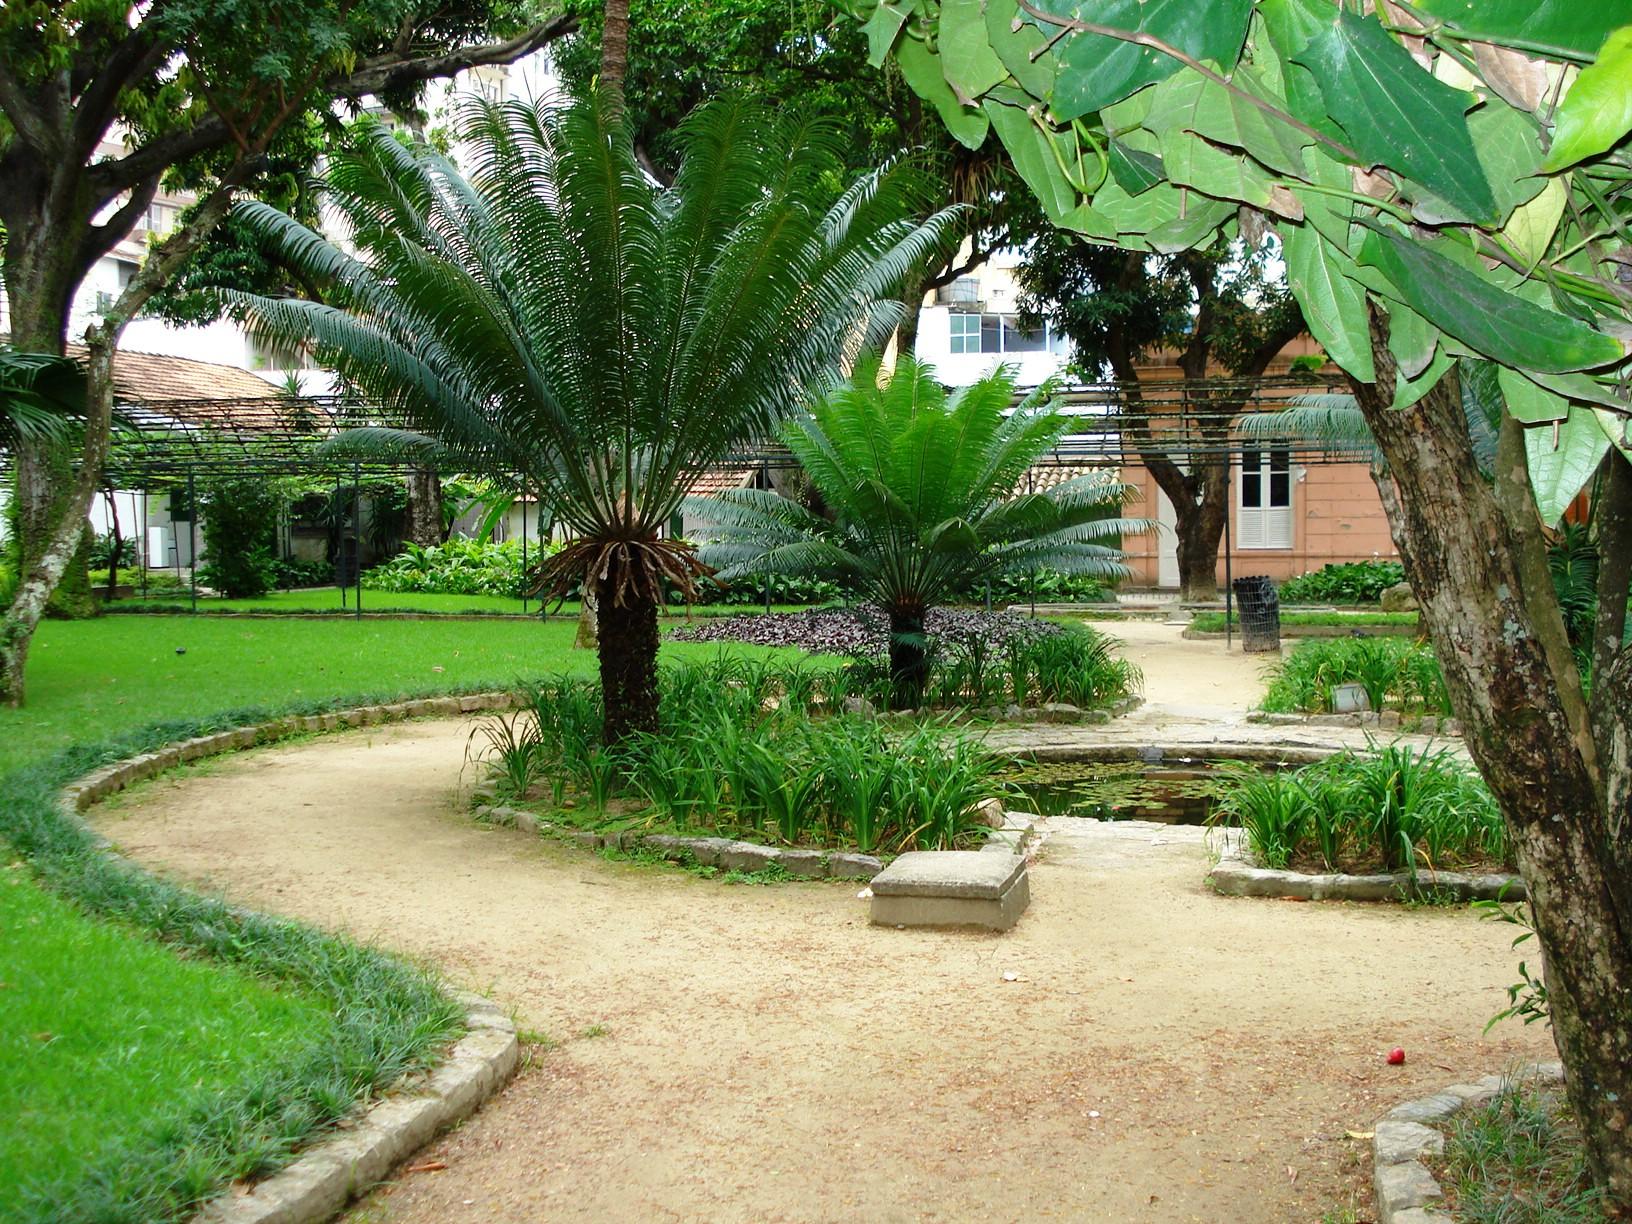 banco de jardim poesia:Lugares de encantamento